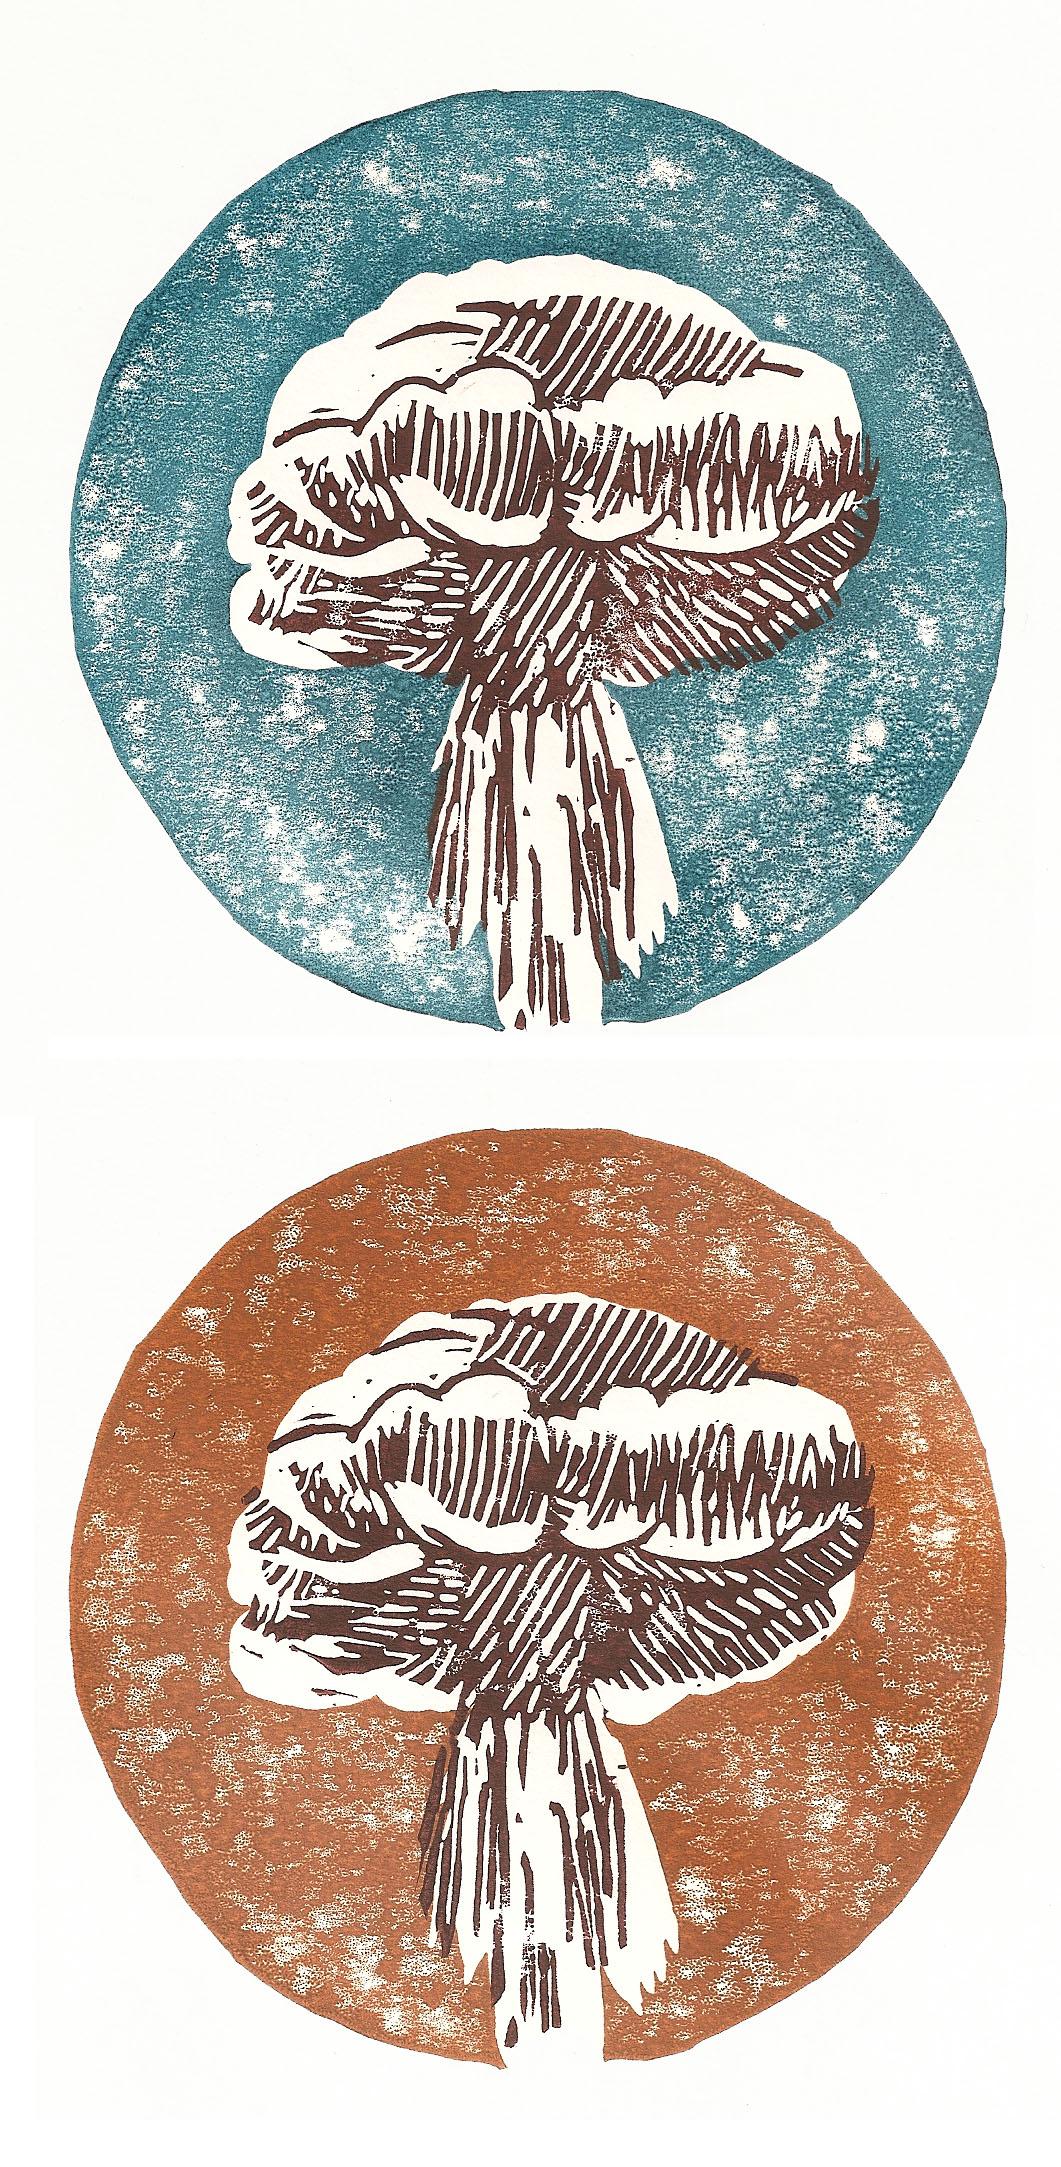 'Mushroom Cloud'